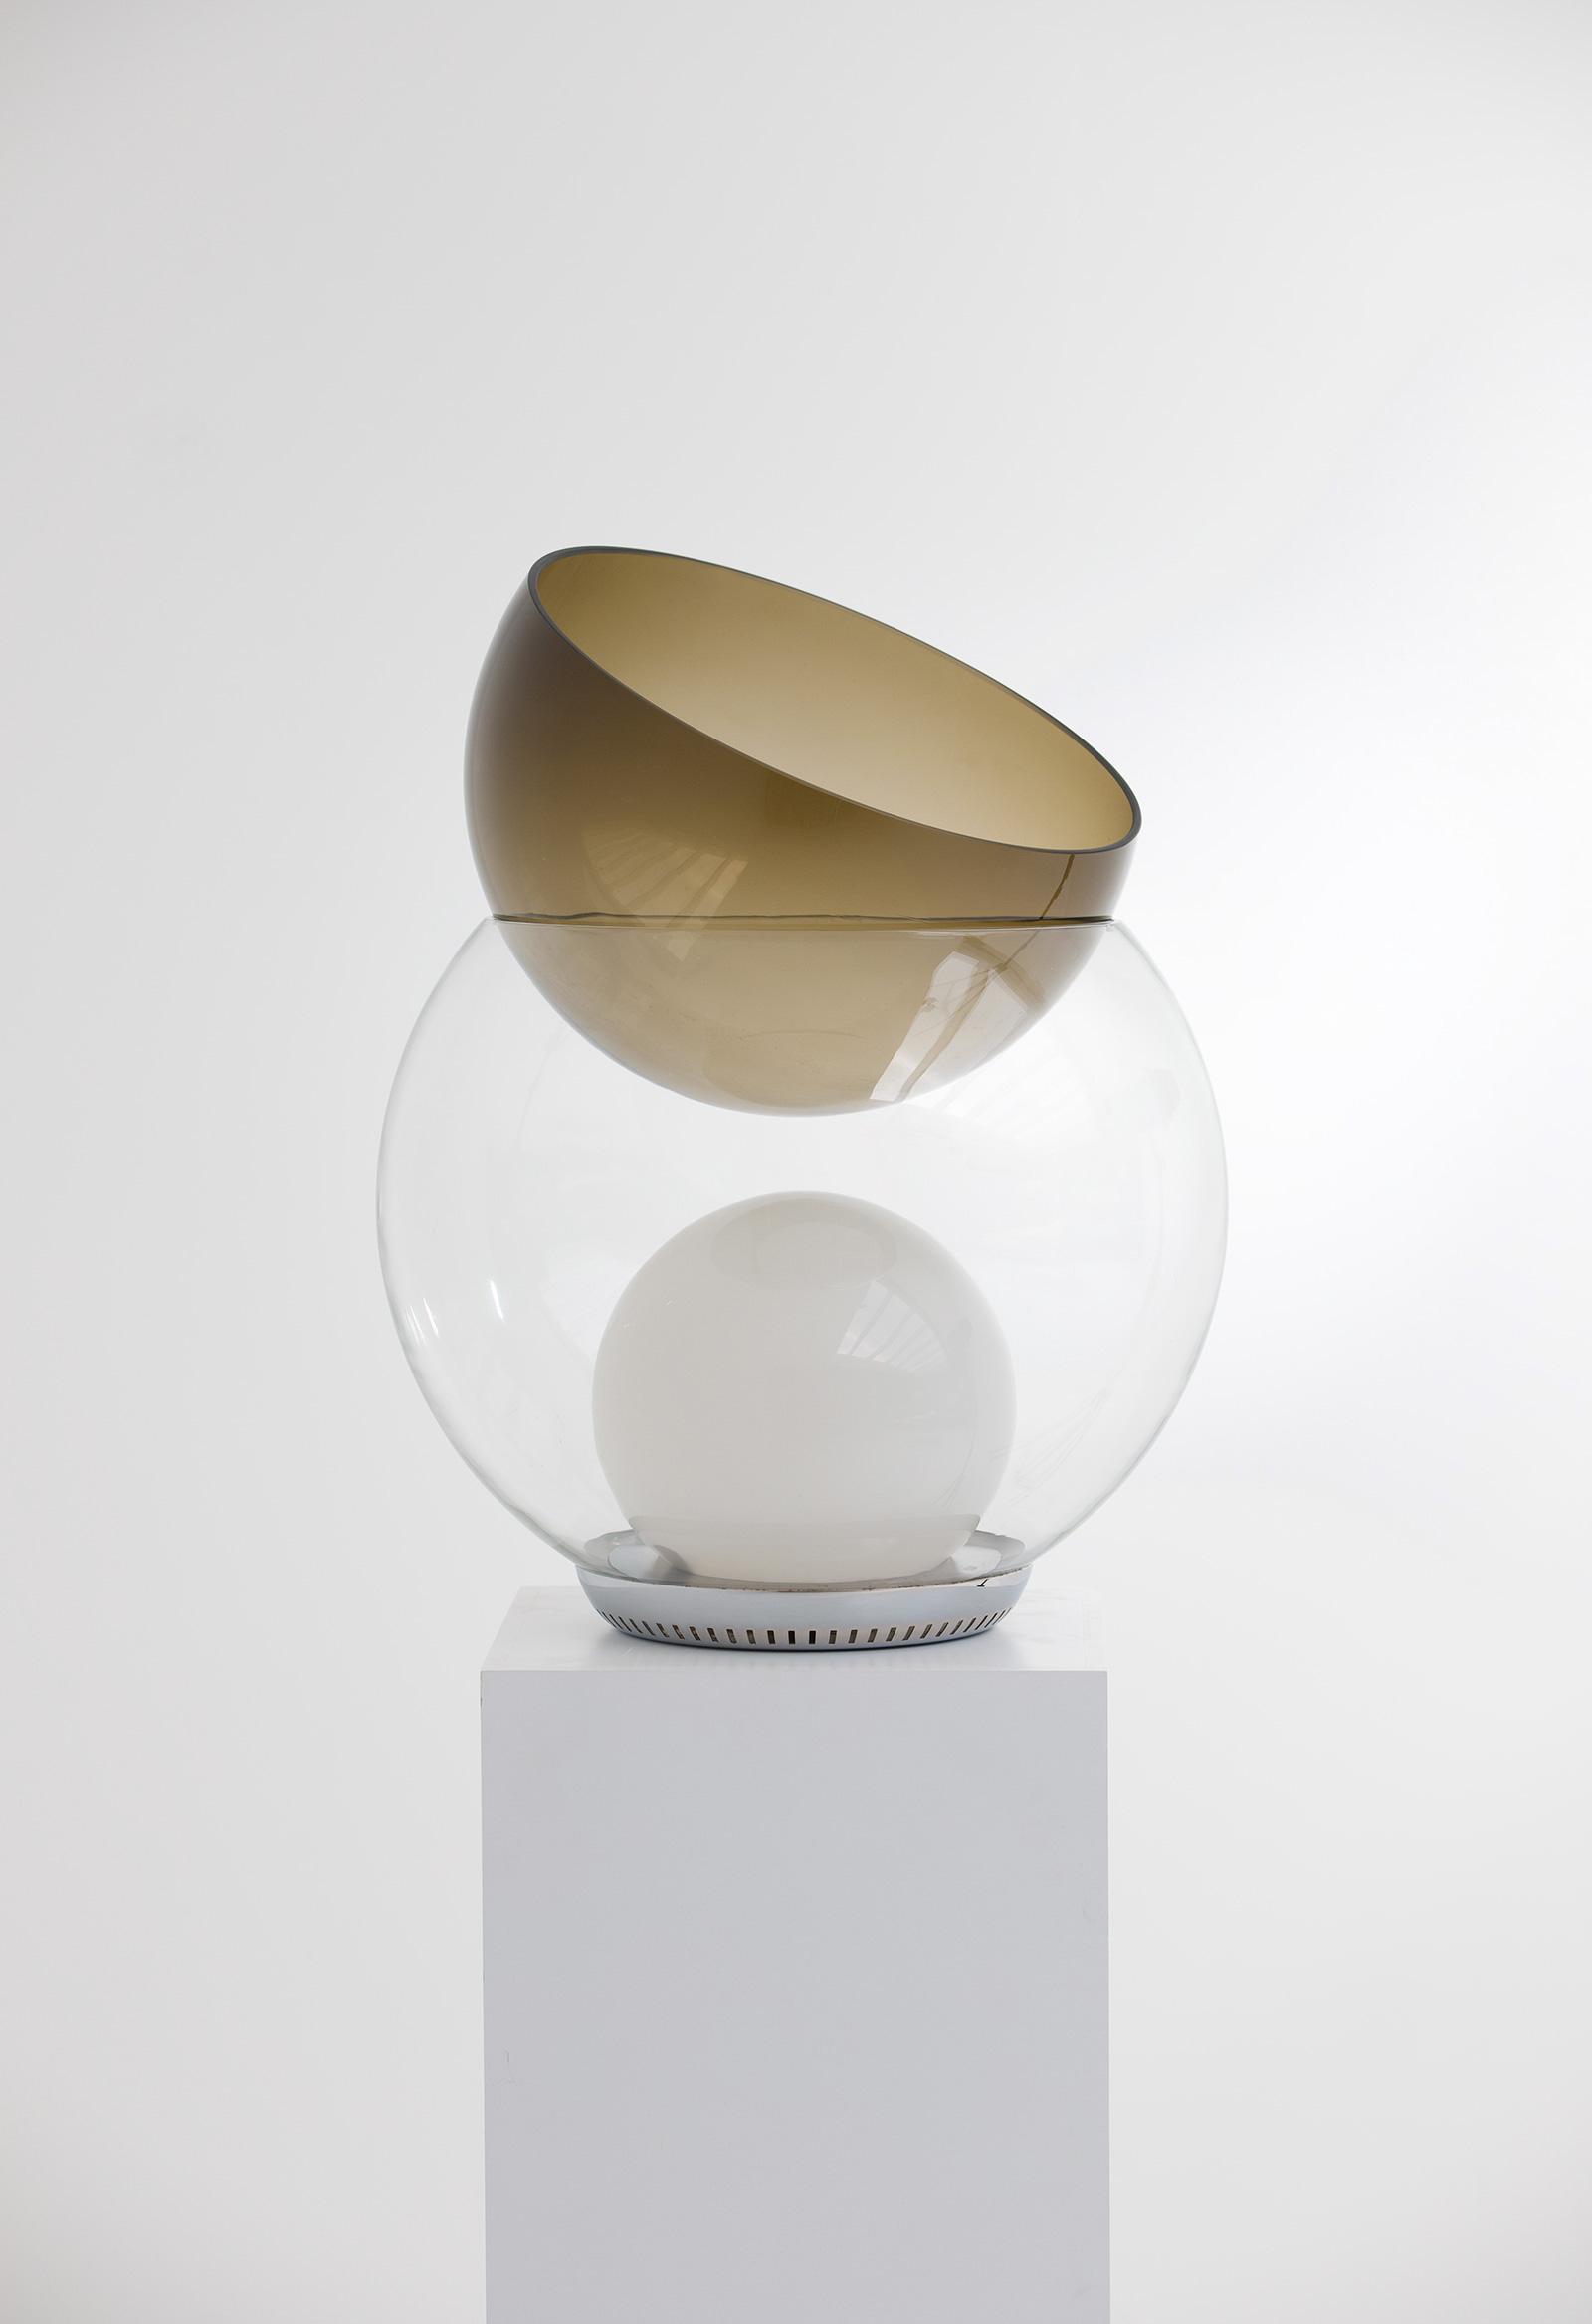 Gae Aulenti Giova Lamp for Fontana Arteimage 1